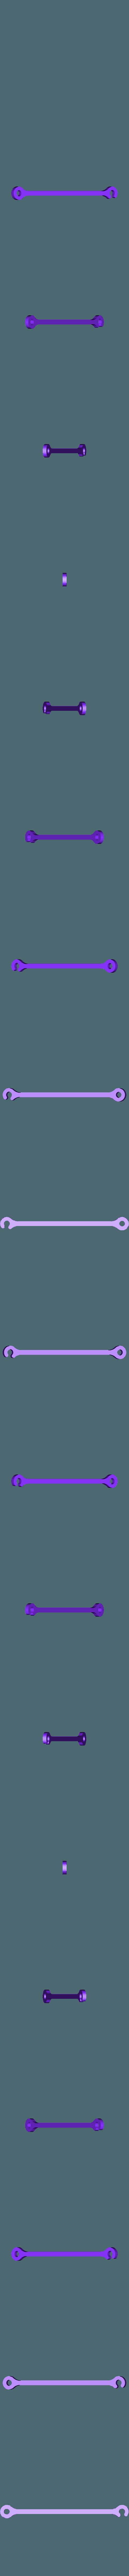 Valve_Rod.stl Télécharger fichier STL gratuit Vapemobile : Voiture jouet pneumatique • Modèle pour imprimante 3D, Slava_Z